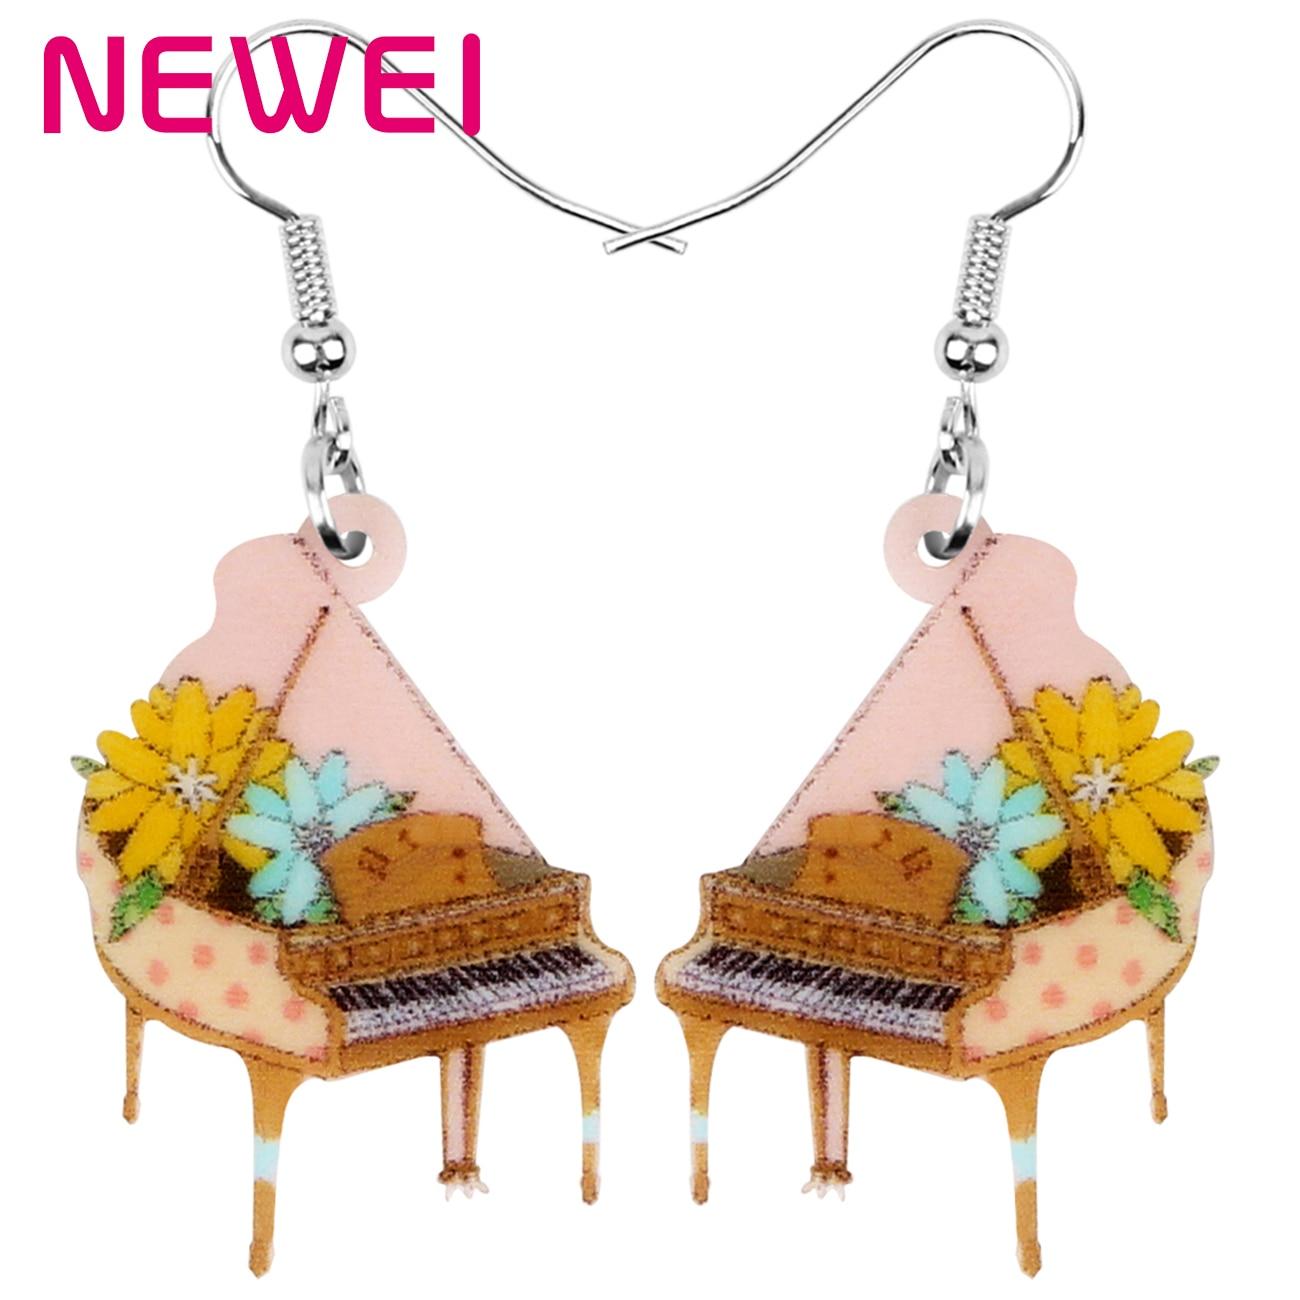 NEWEI acrylique Anime Floral Piano boucles doreilles goutte Dangle Instrument ornement bijoux pour femmes fille adolescent enfant breloque décorations cadeau